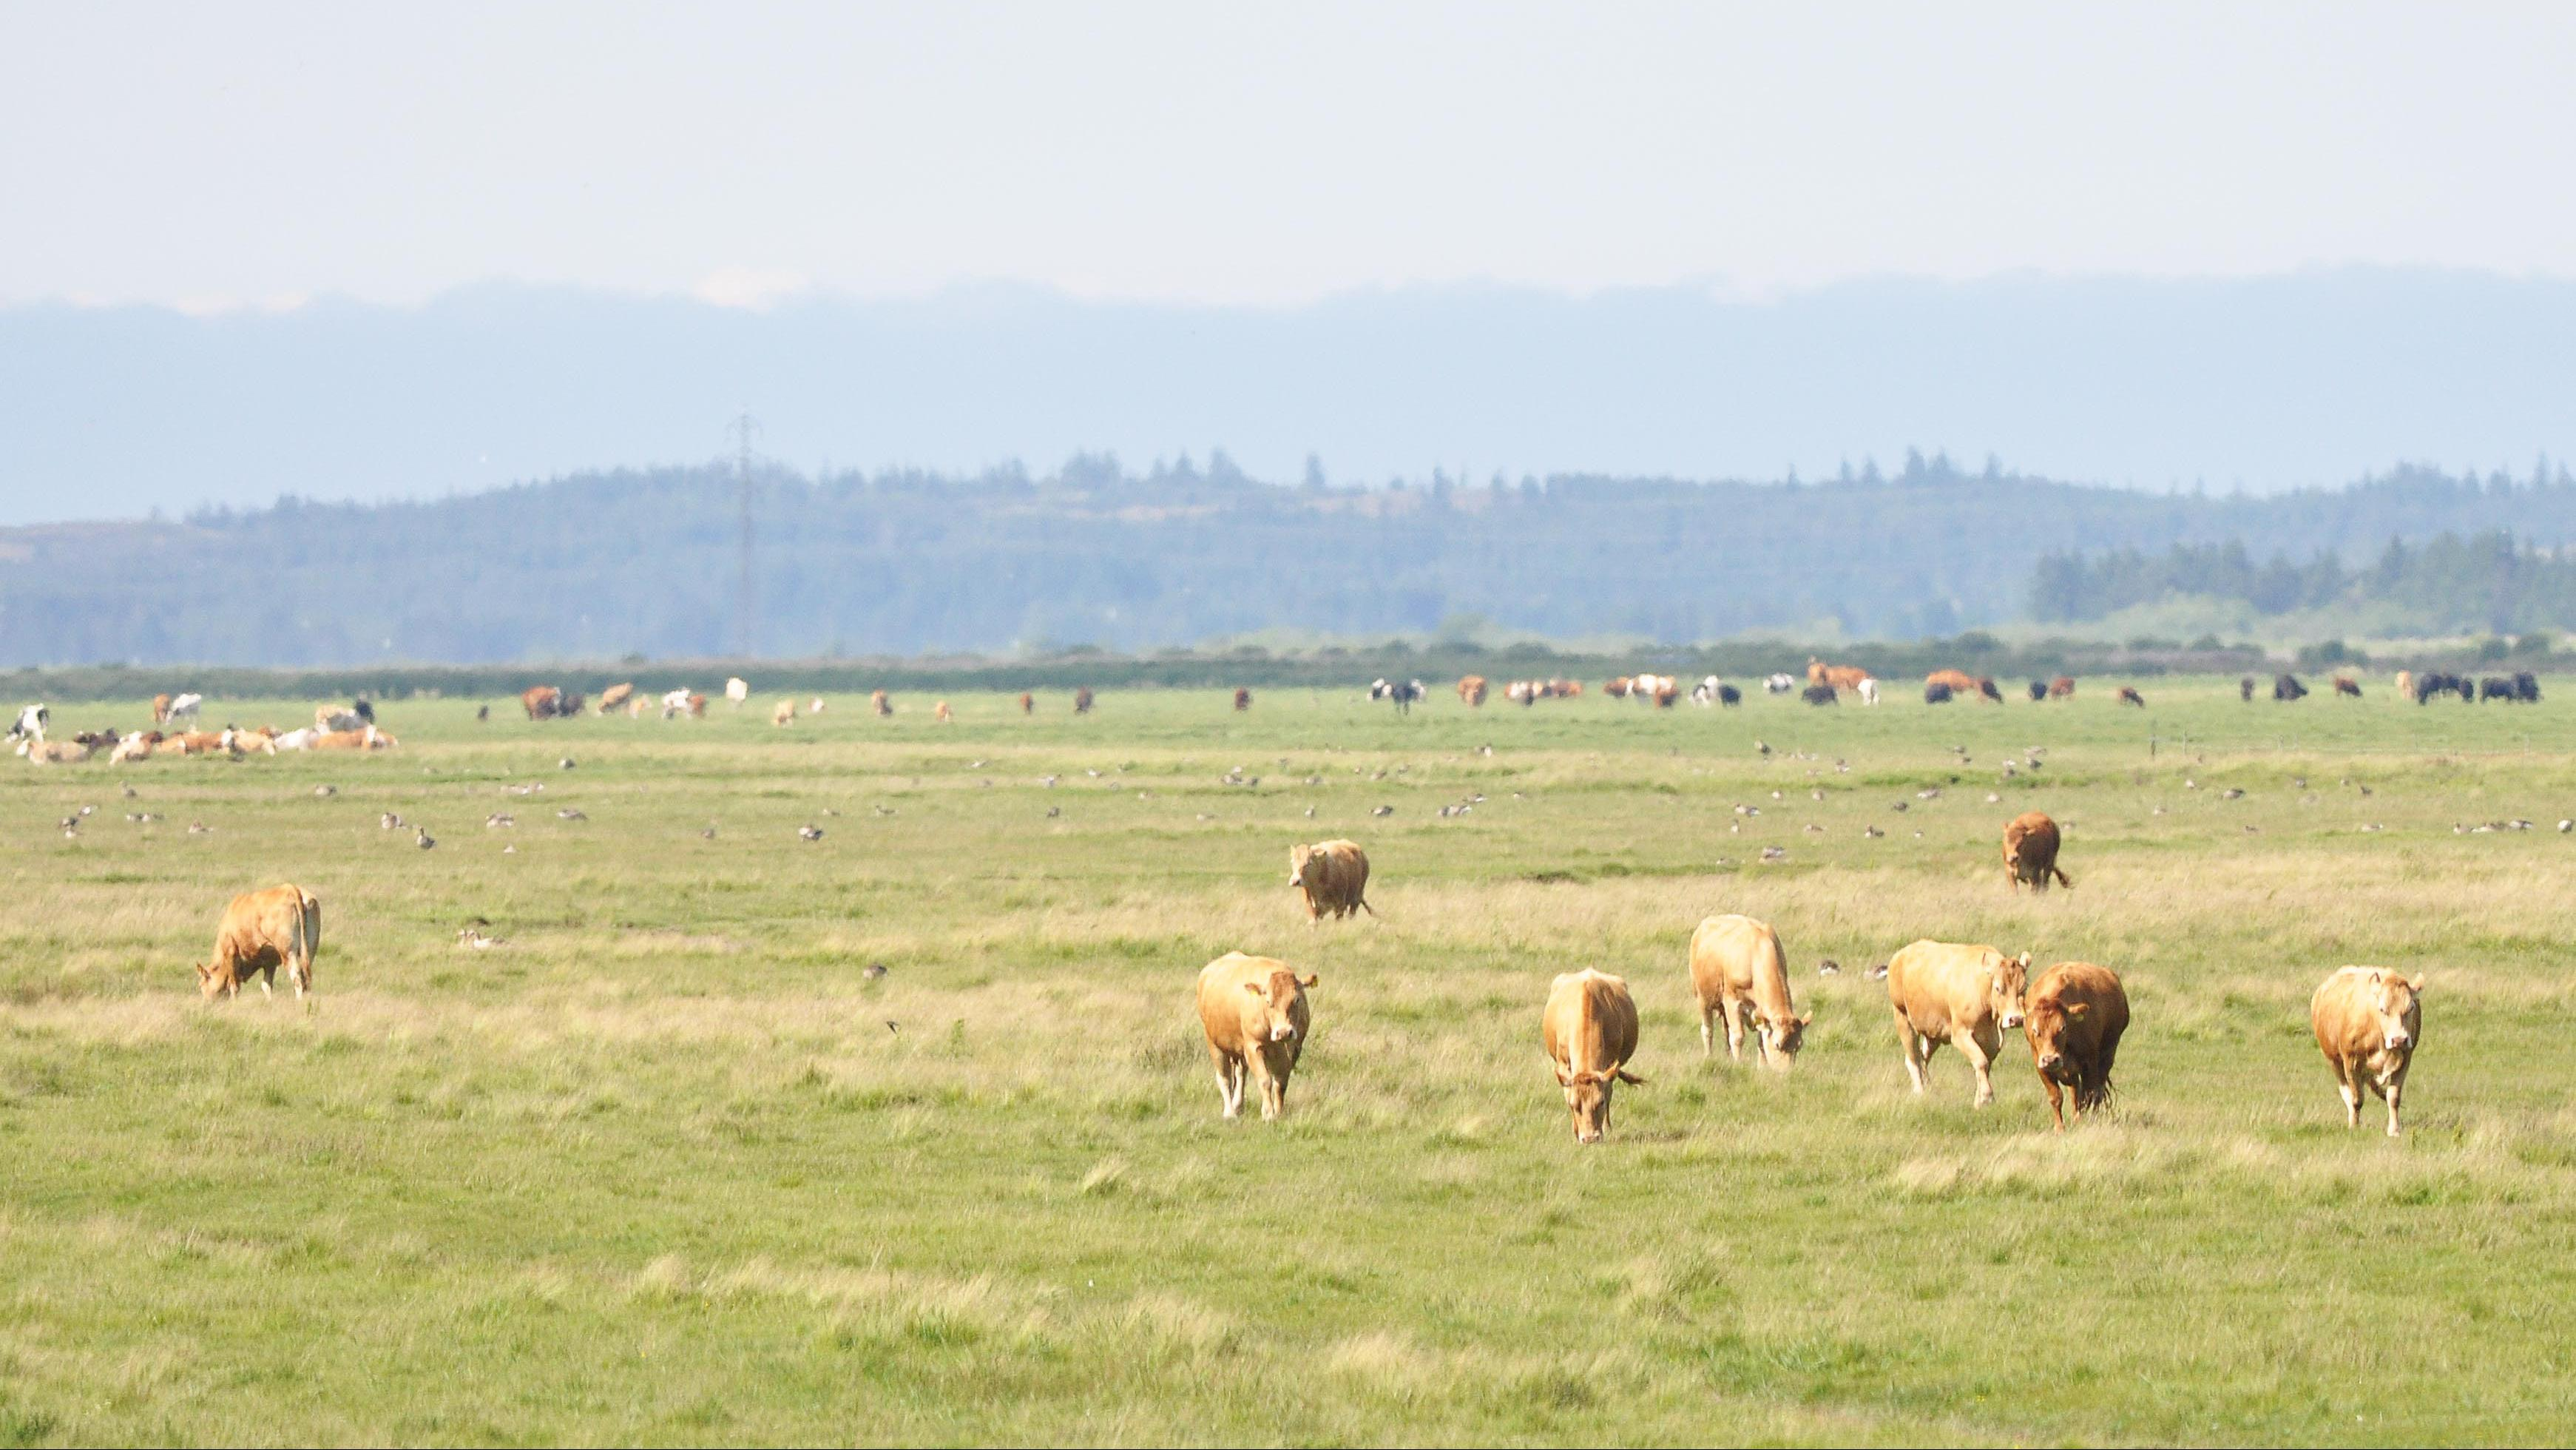 Kvæg, Vejlerne, kødkvæg, køer